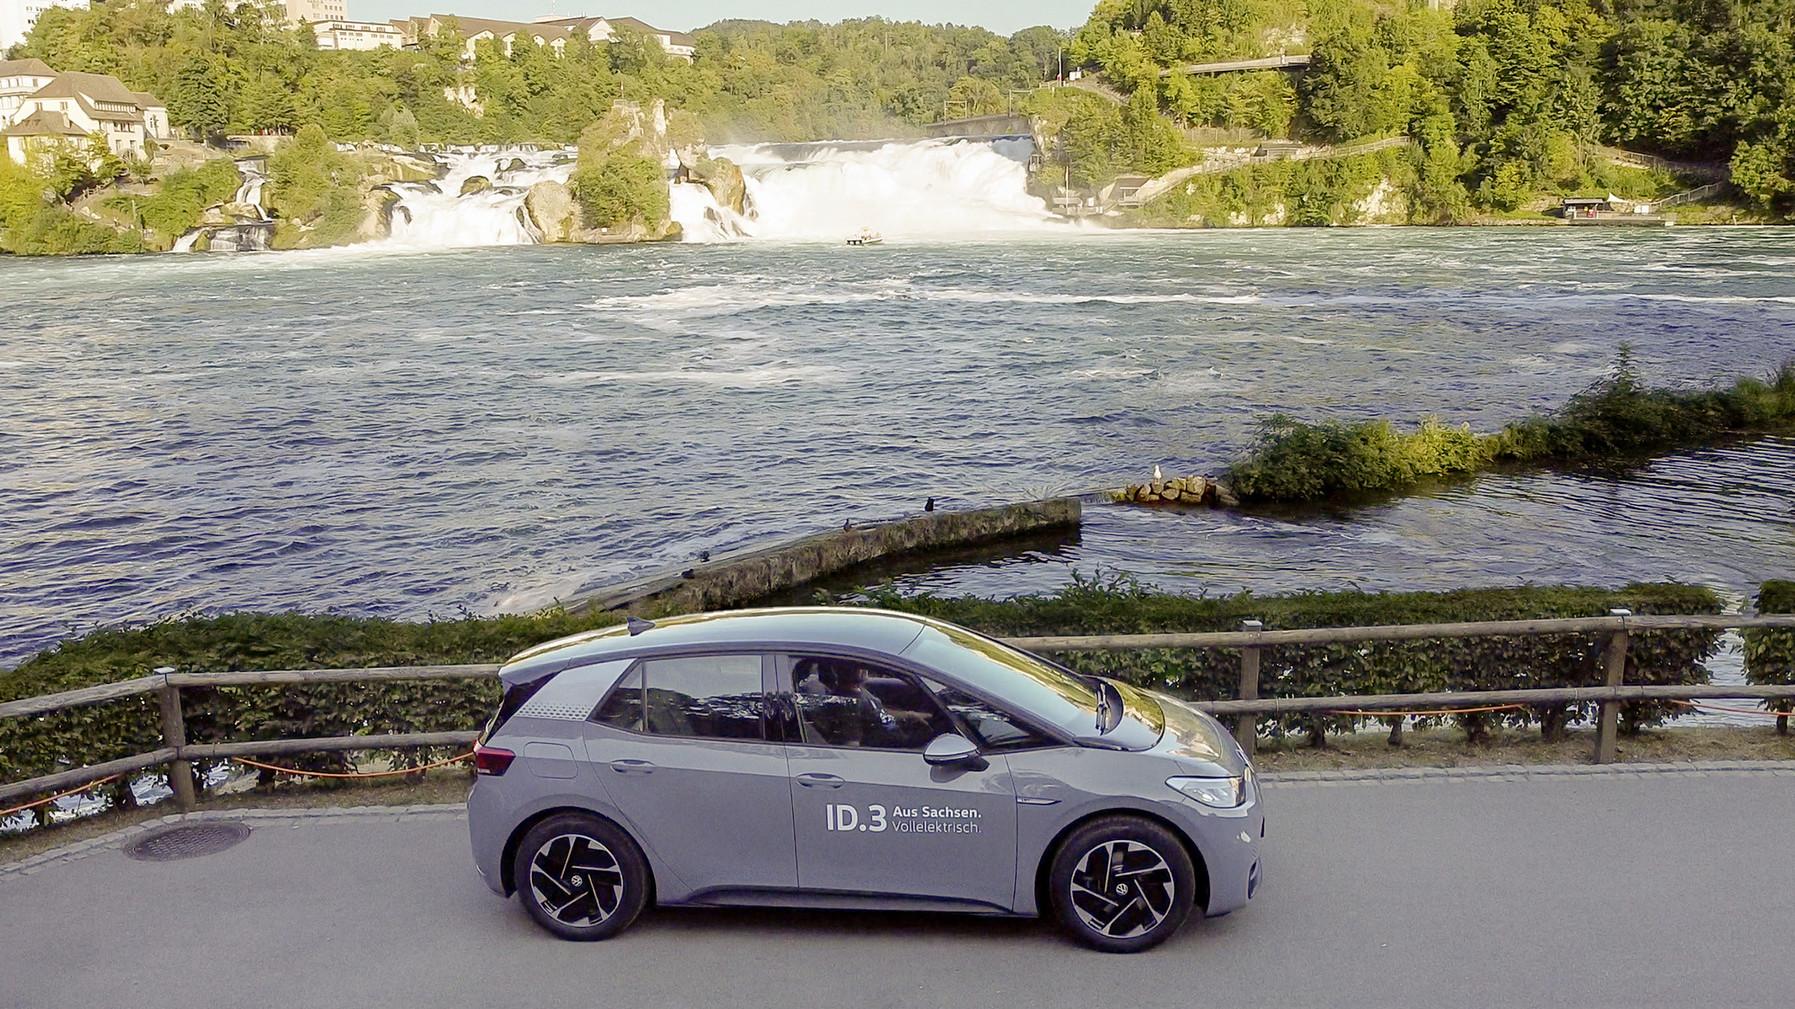 Volkswagen ID.3 realiza un viaje de 531 kilómetros con una sola carga